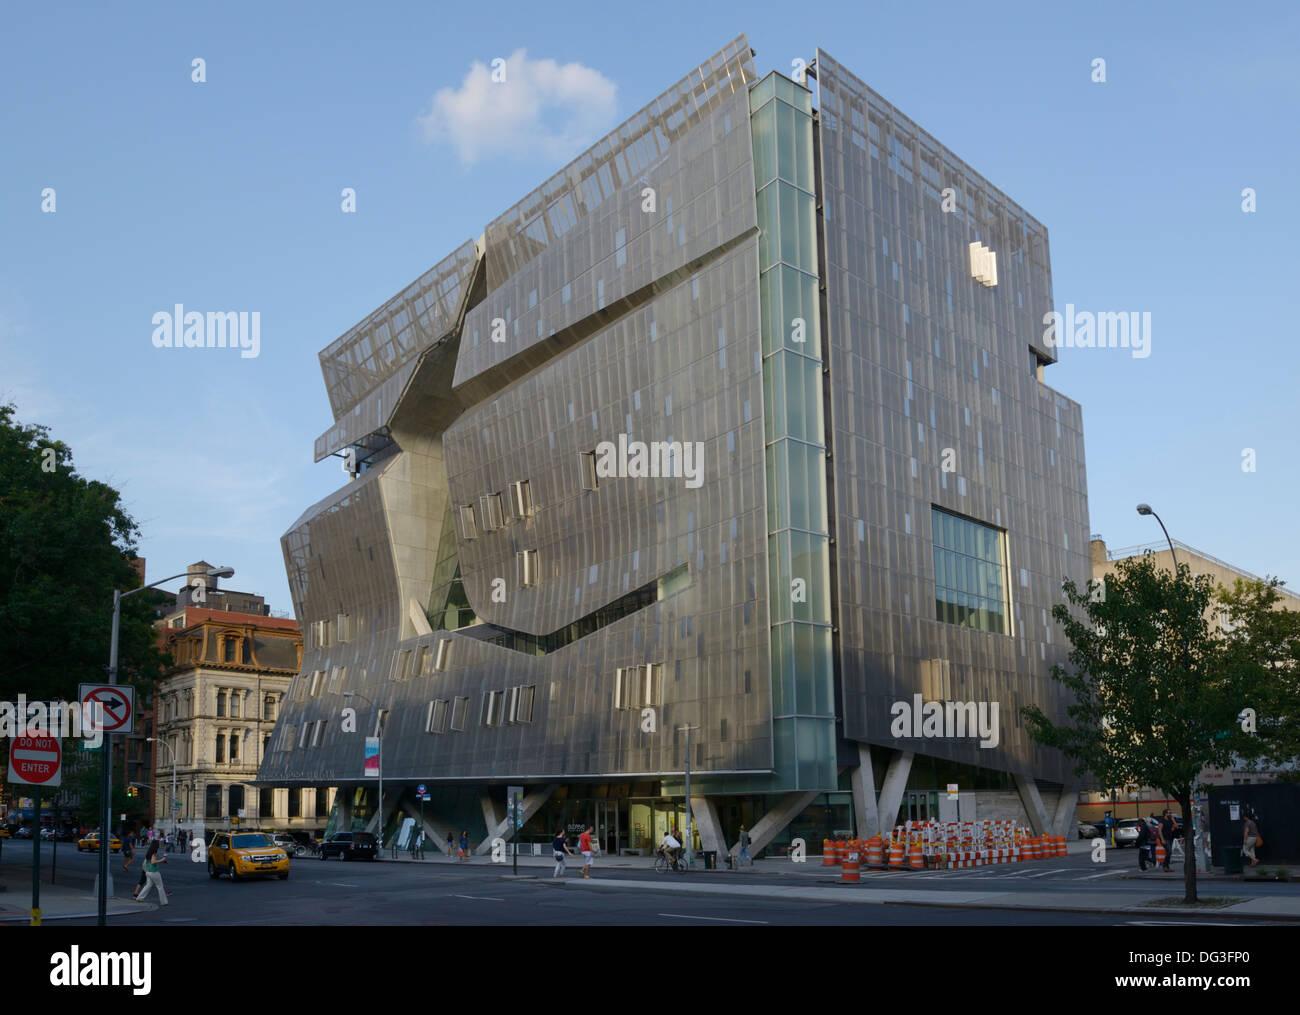 Die Cooper Union zur Förderung von Wissenschaft und Kunst, 41 Cooper Square LEED Platin für ökologische Effizienz Stockbild